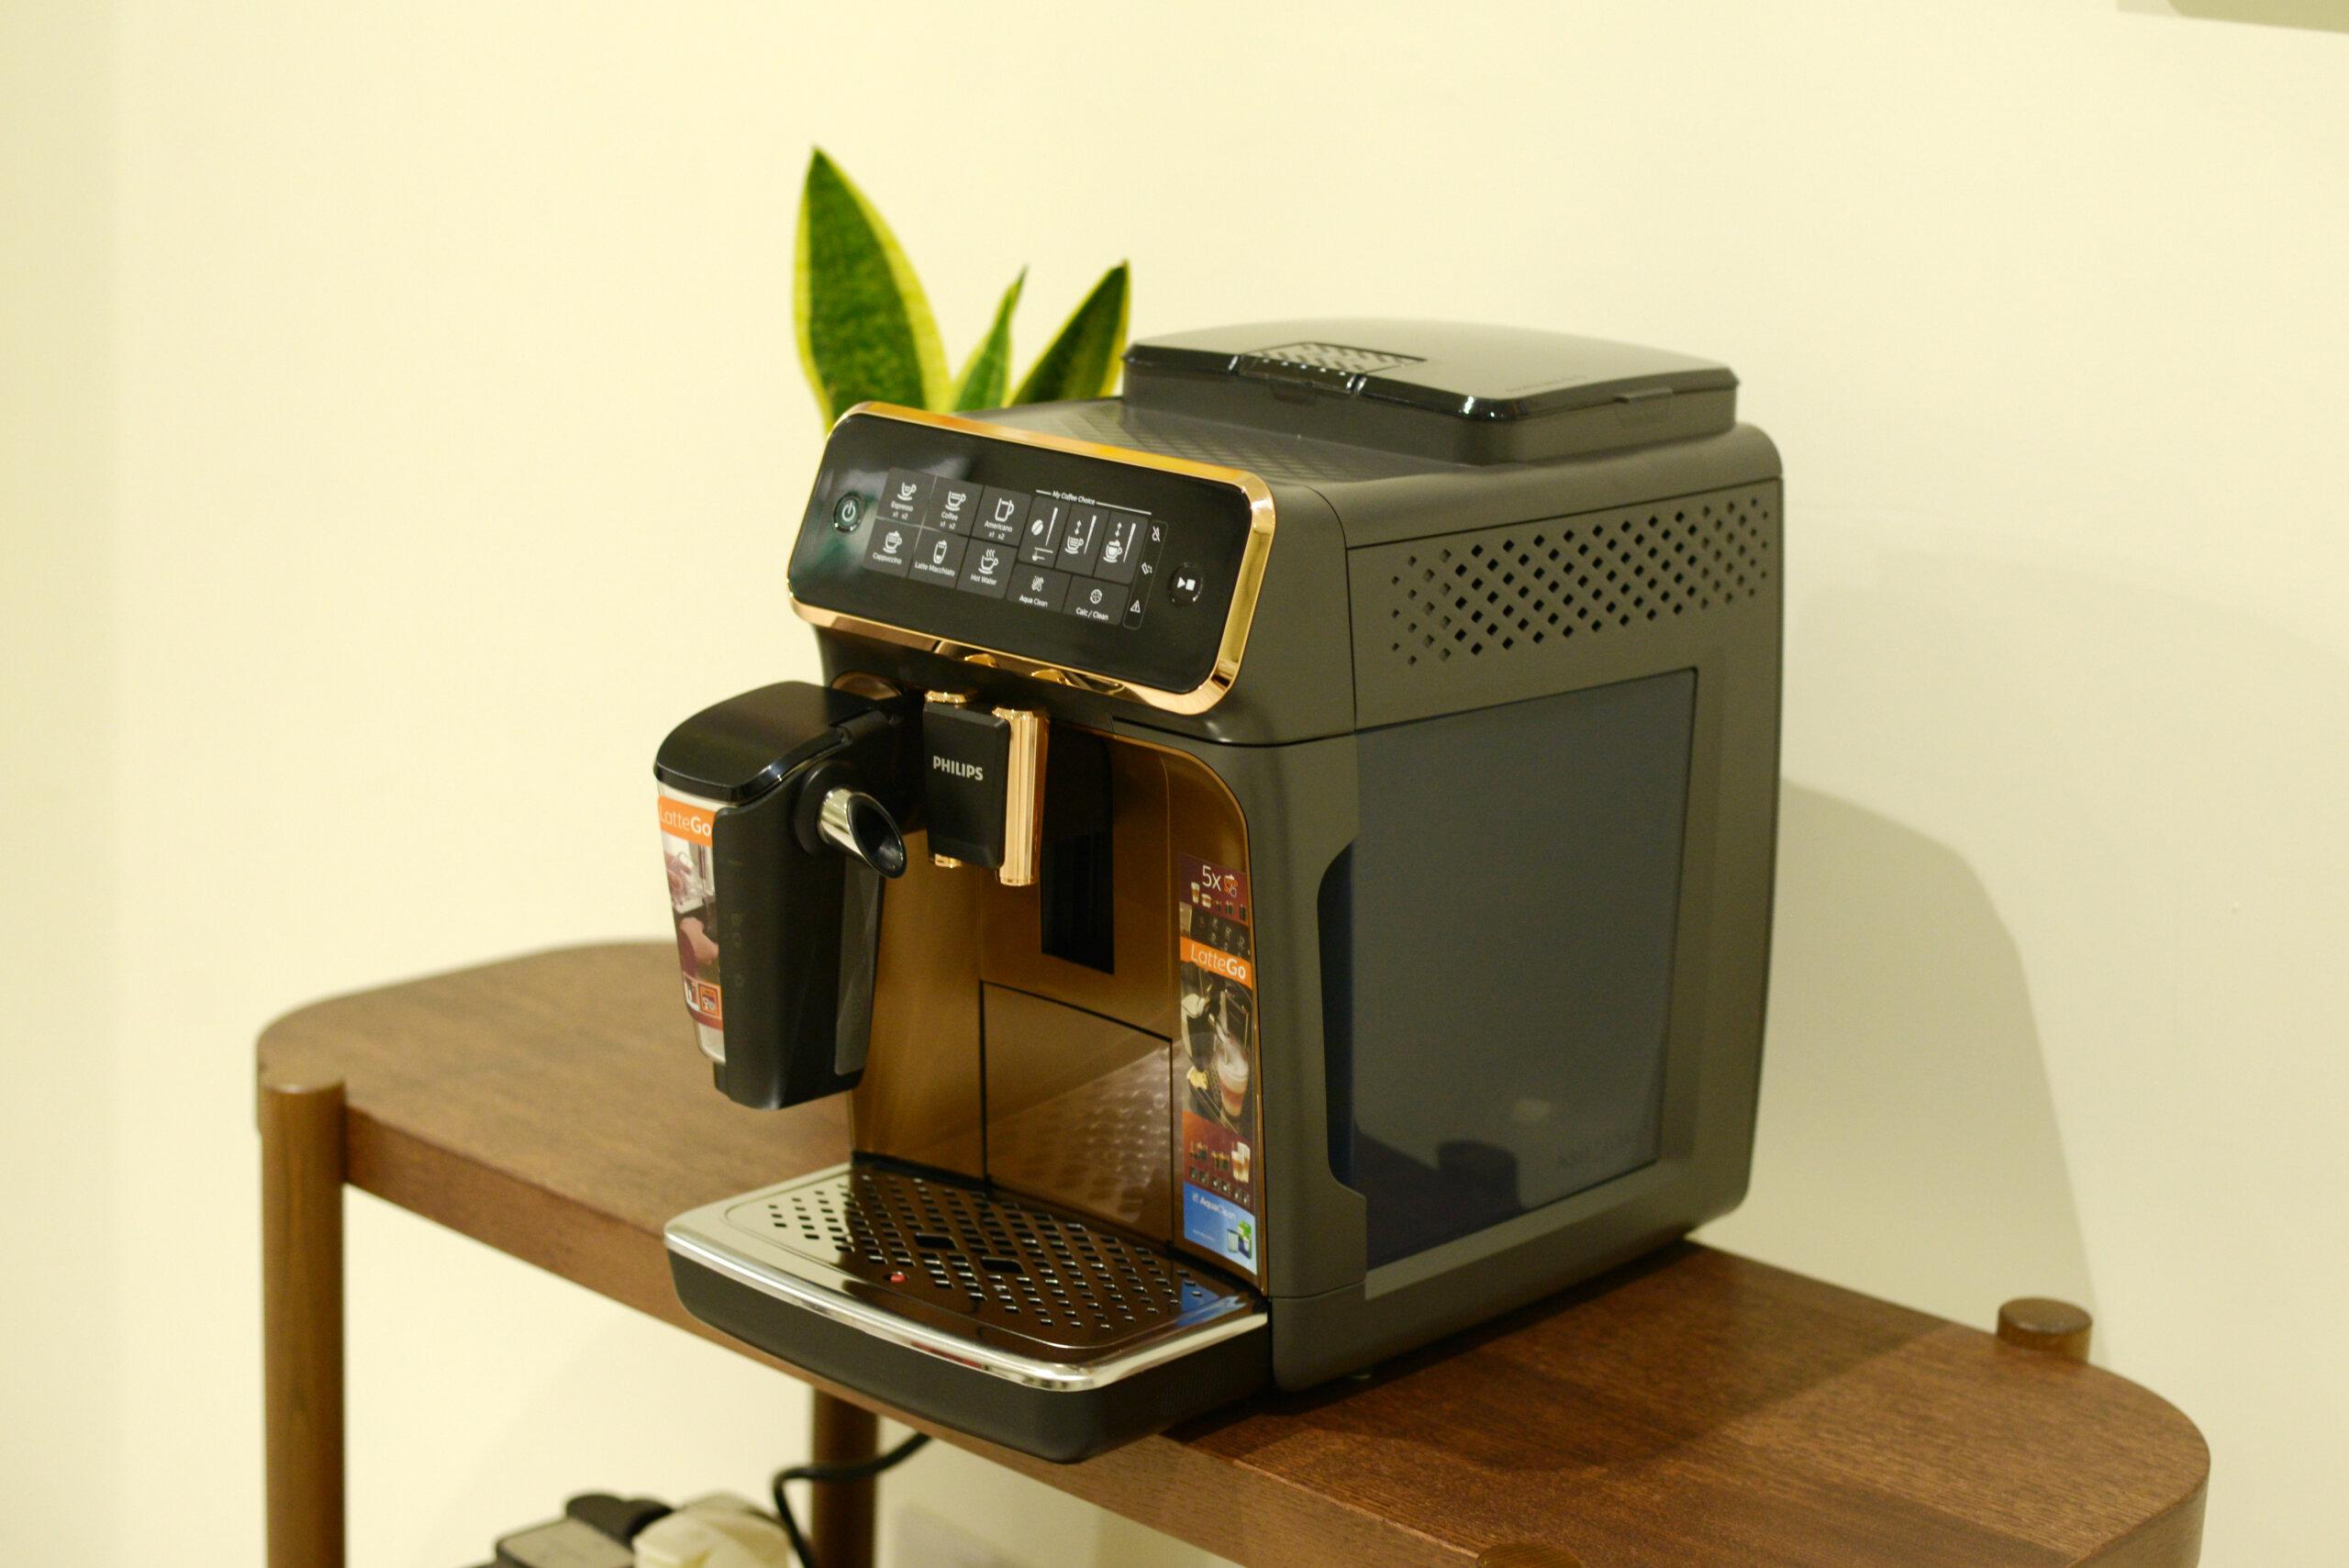 咖啡機,咖啡機品牌,咖啡機推薦,咖啡機租賃,咖啡機種類,咖啡,義式咖啡機